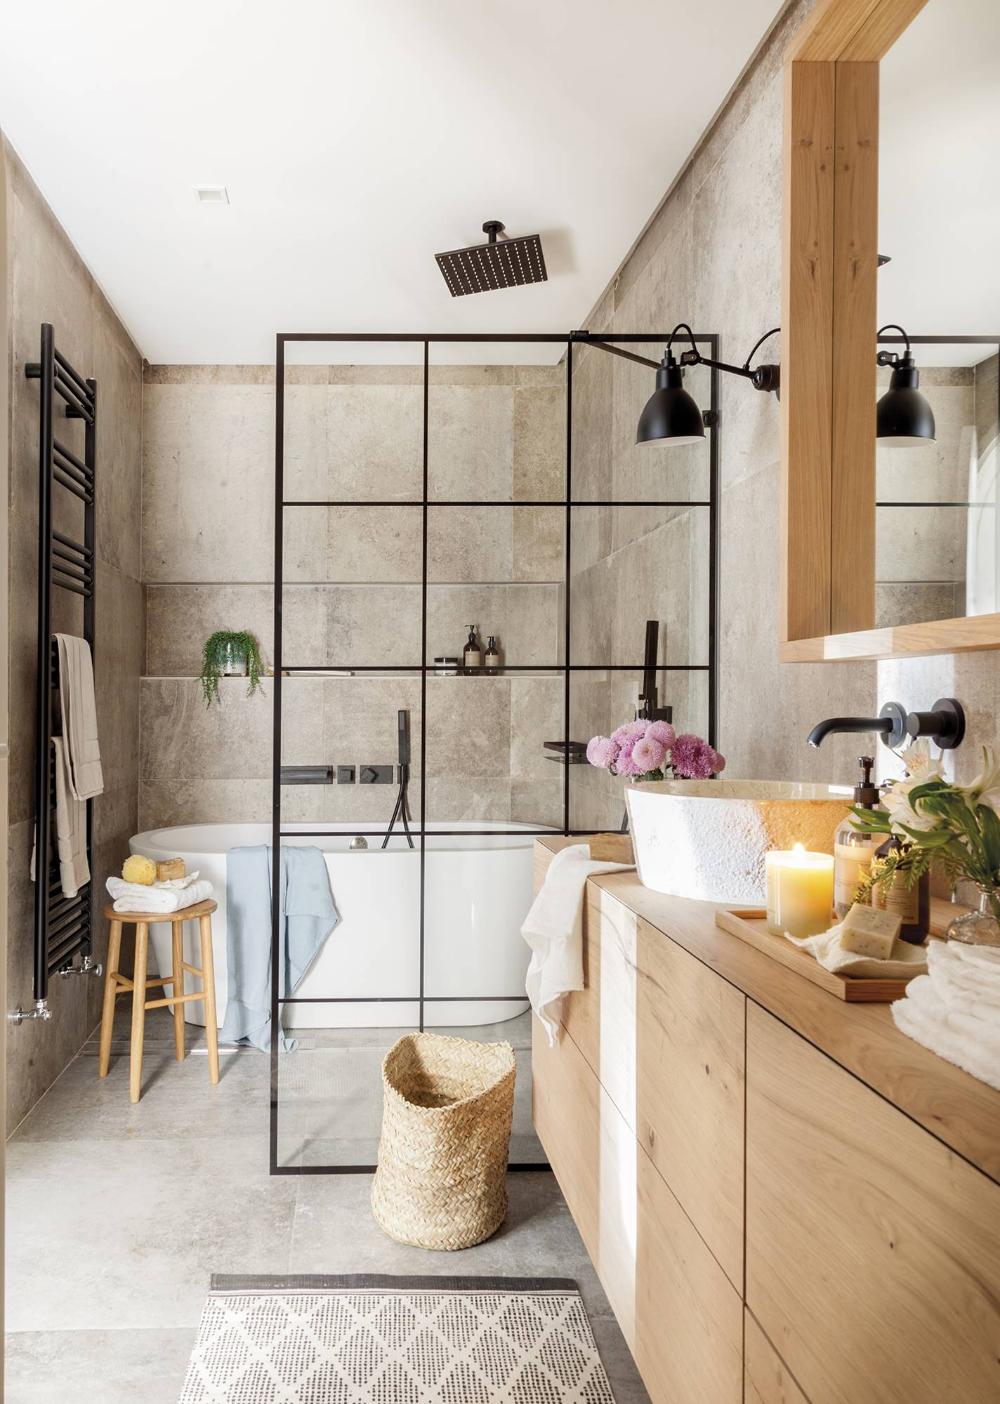 Un baño como un spa en 2020 | Platos de ducha, Muebles de ...